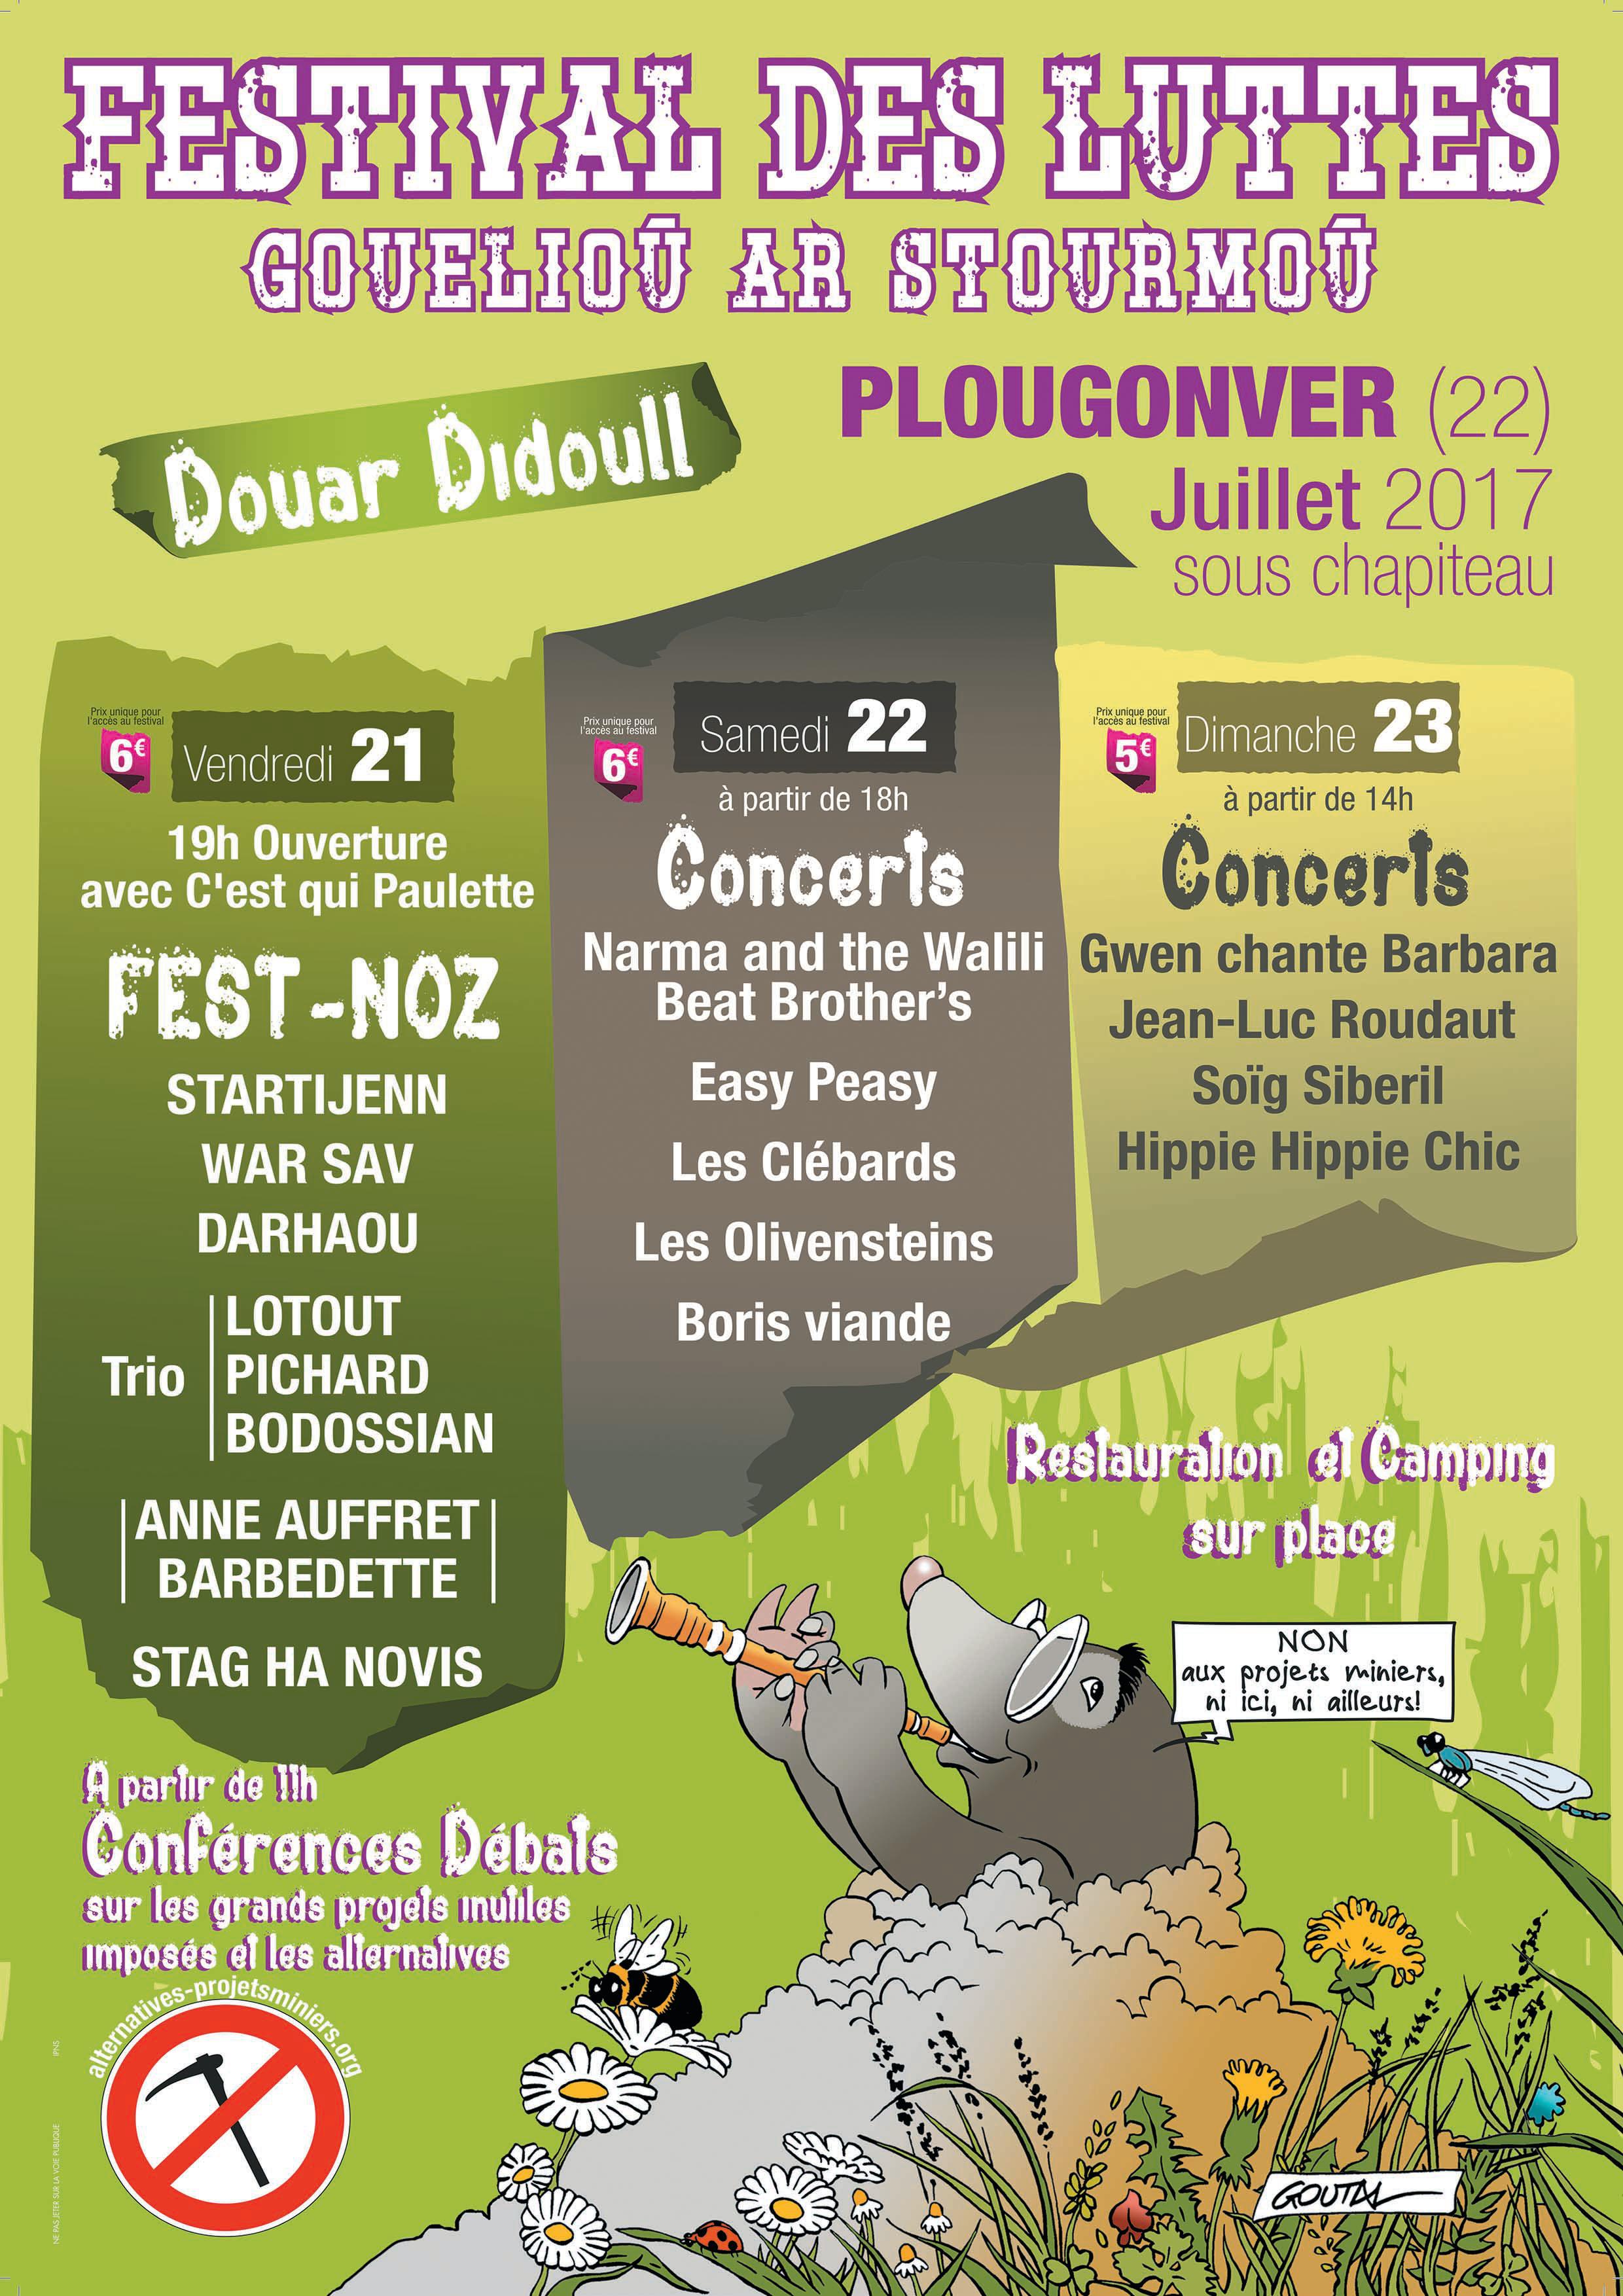 Festival des luttes / Gouelioù ar stourmoù à Plougonver